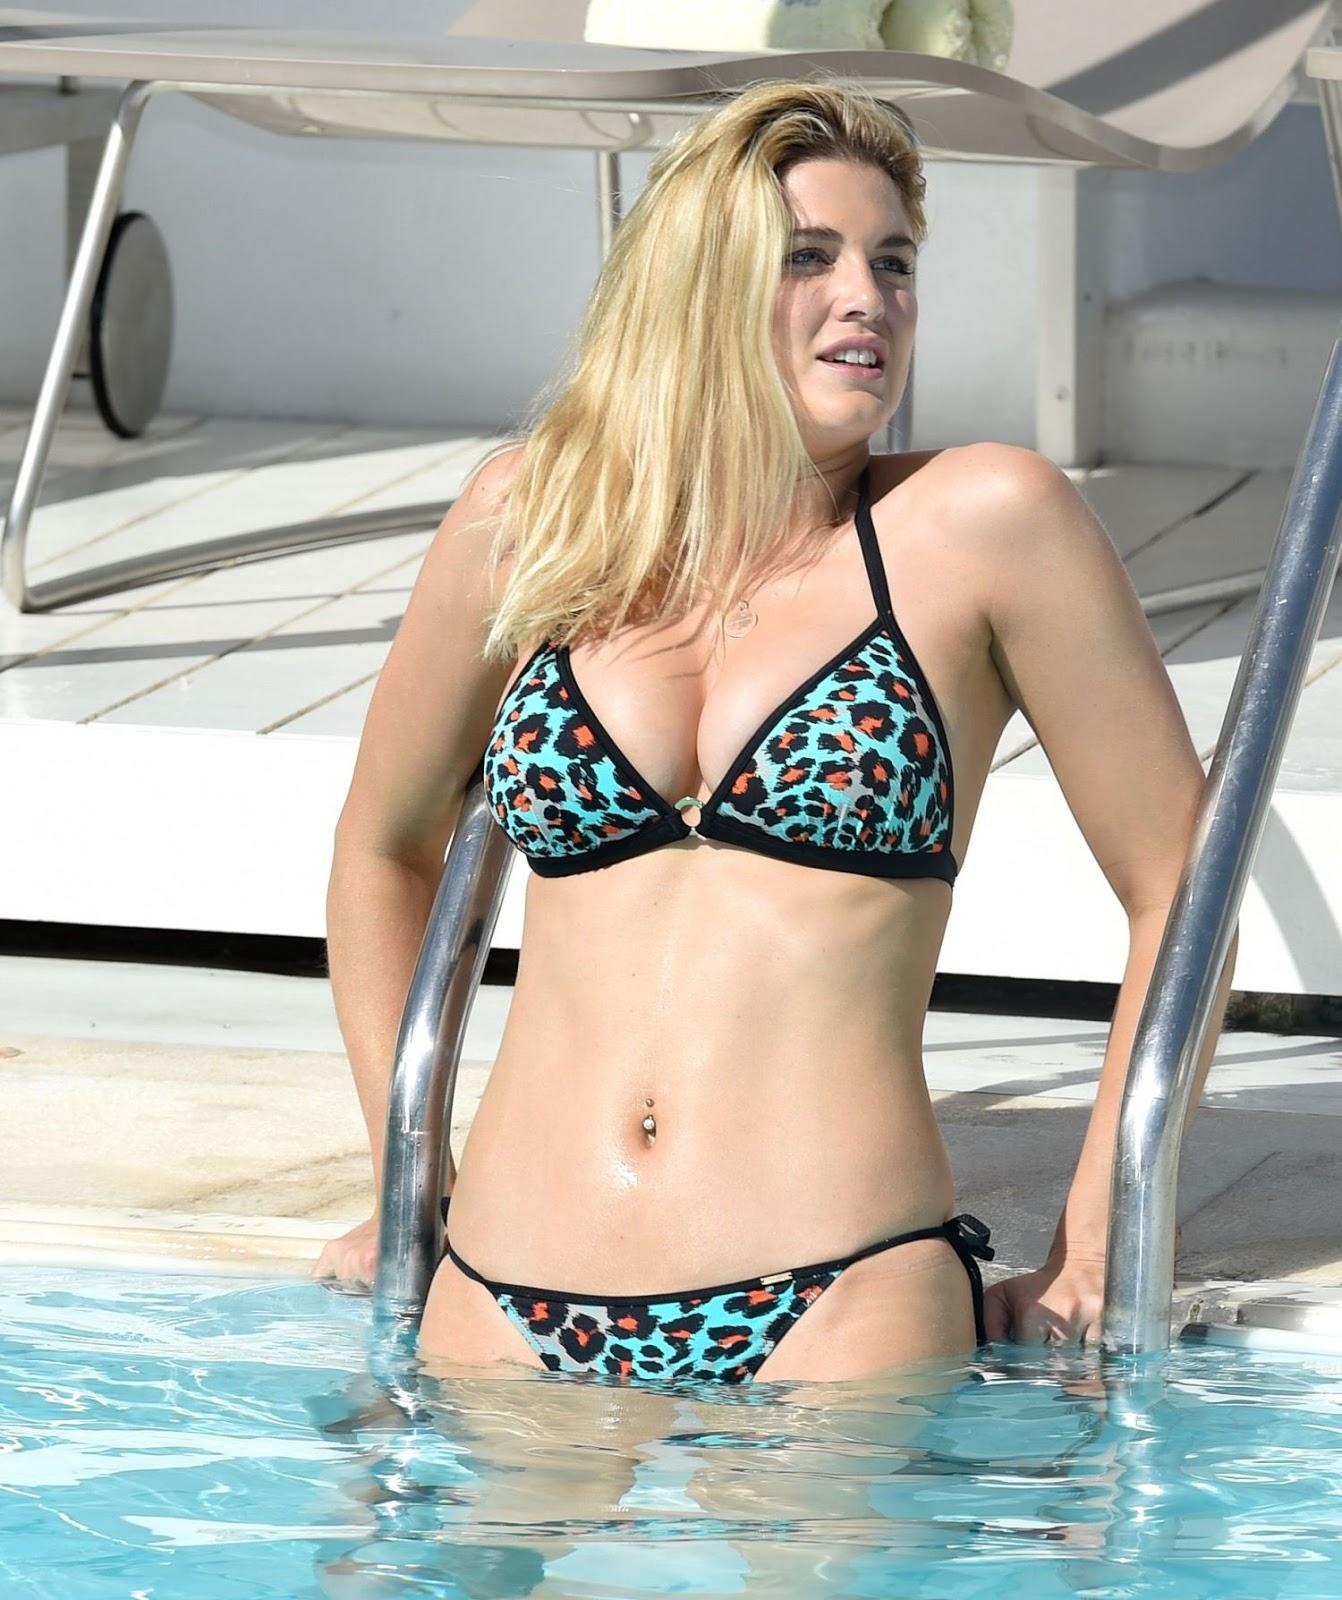 Ashley James in Bikini at a Pool in Greece